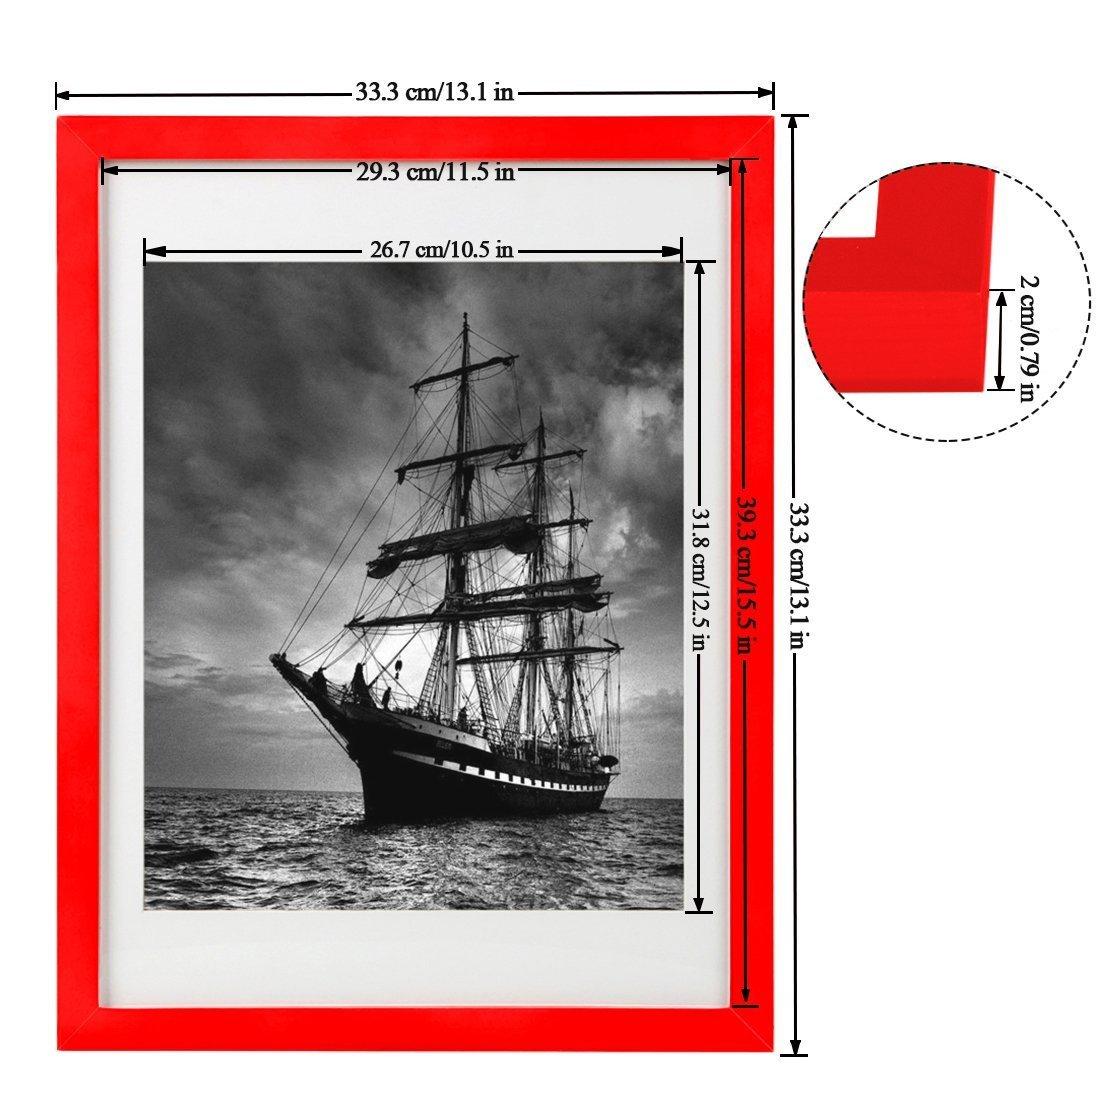 Tolle 10 X 13 Verfilzte Rahmen Bilder - Benutzerdefinierte ...